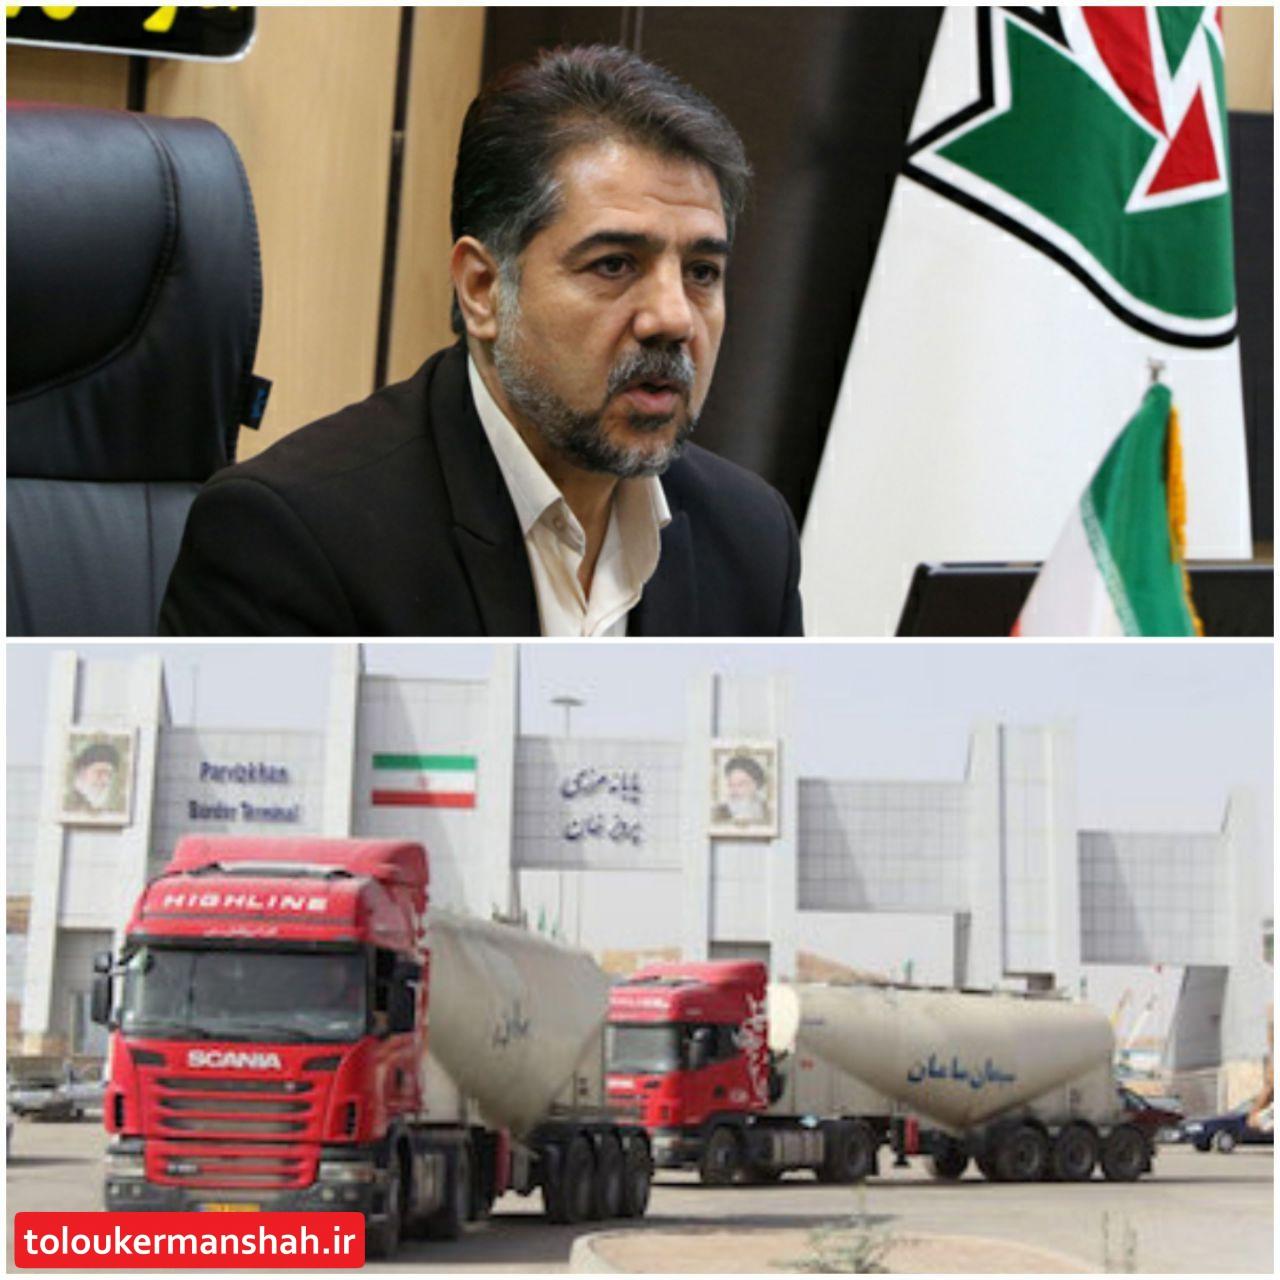 بلاتکلیفی کامیونهای حامل سوخت در مرز ایران و عراق تنها مربوط به راهداری نیست